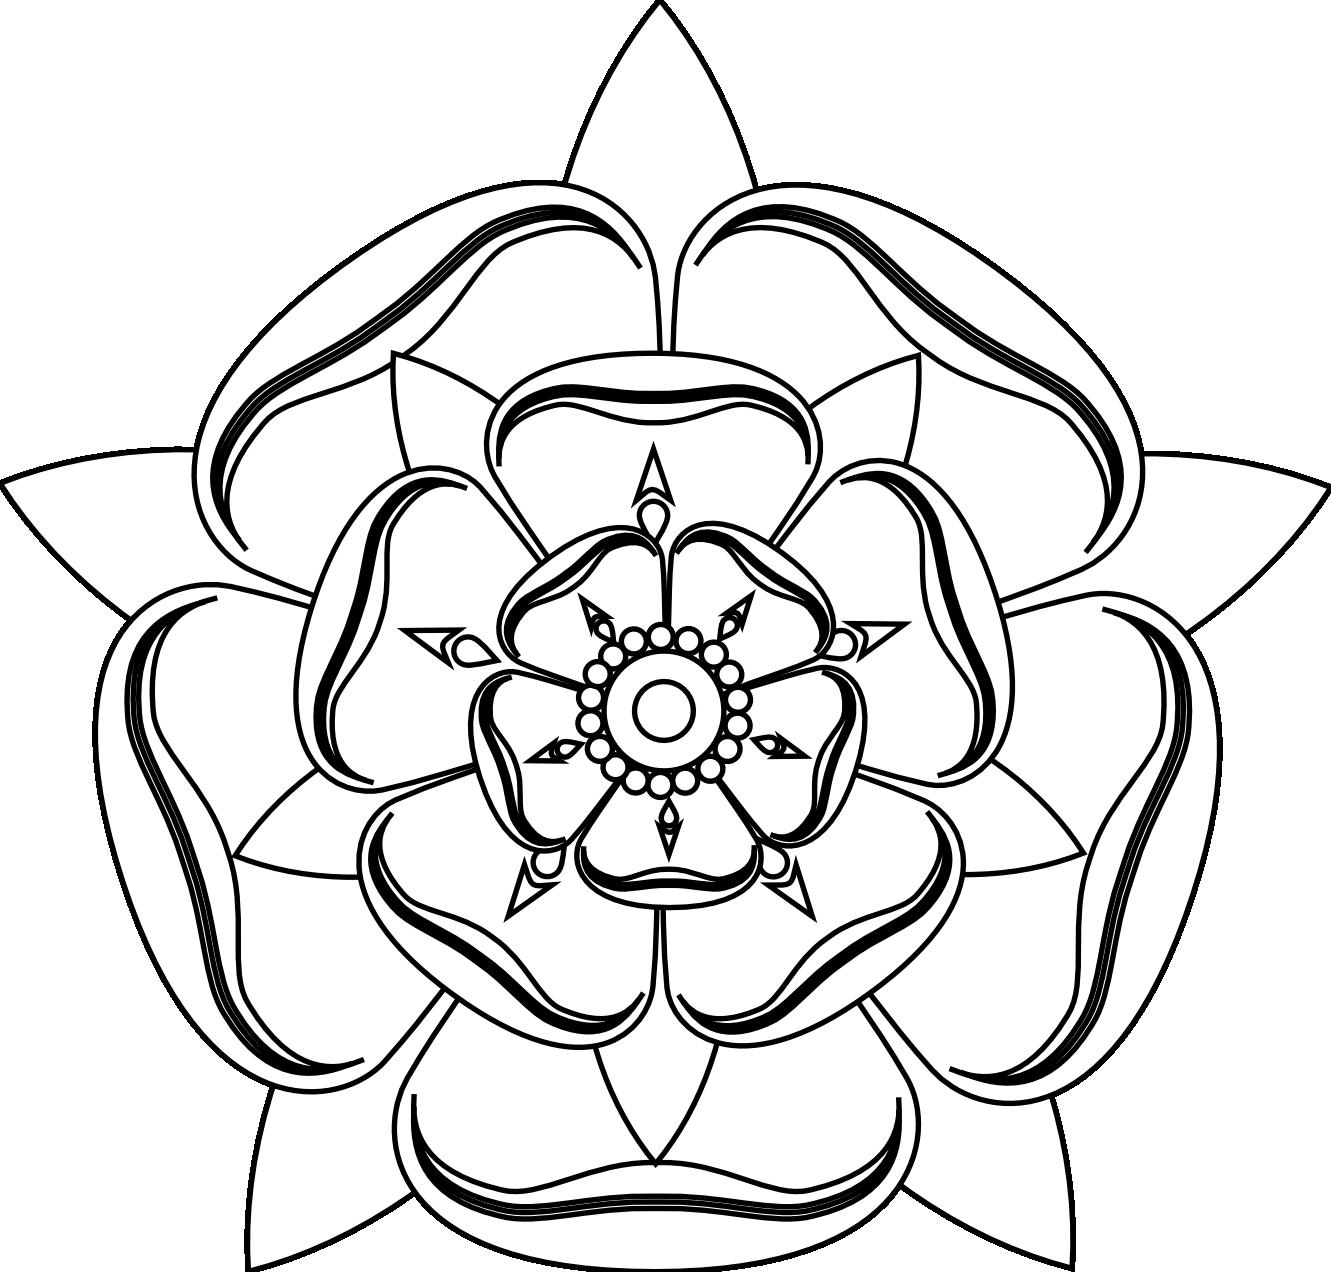 English Rose Drawing at GetDrawings